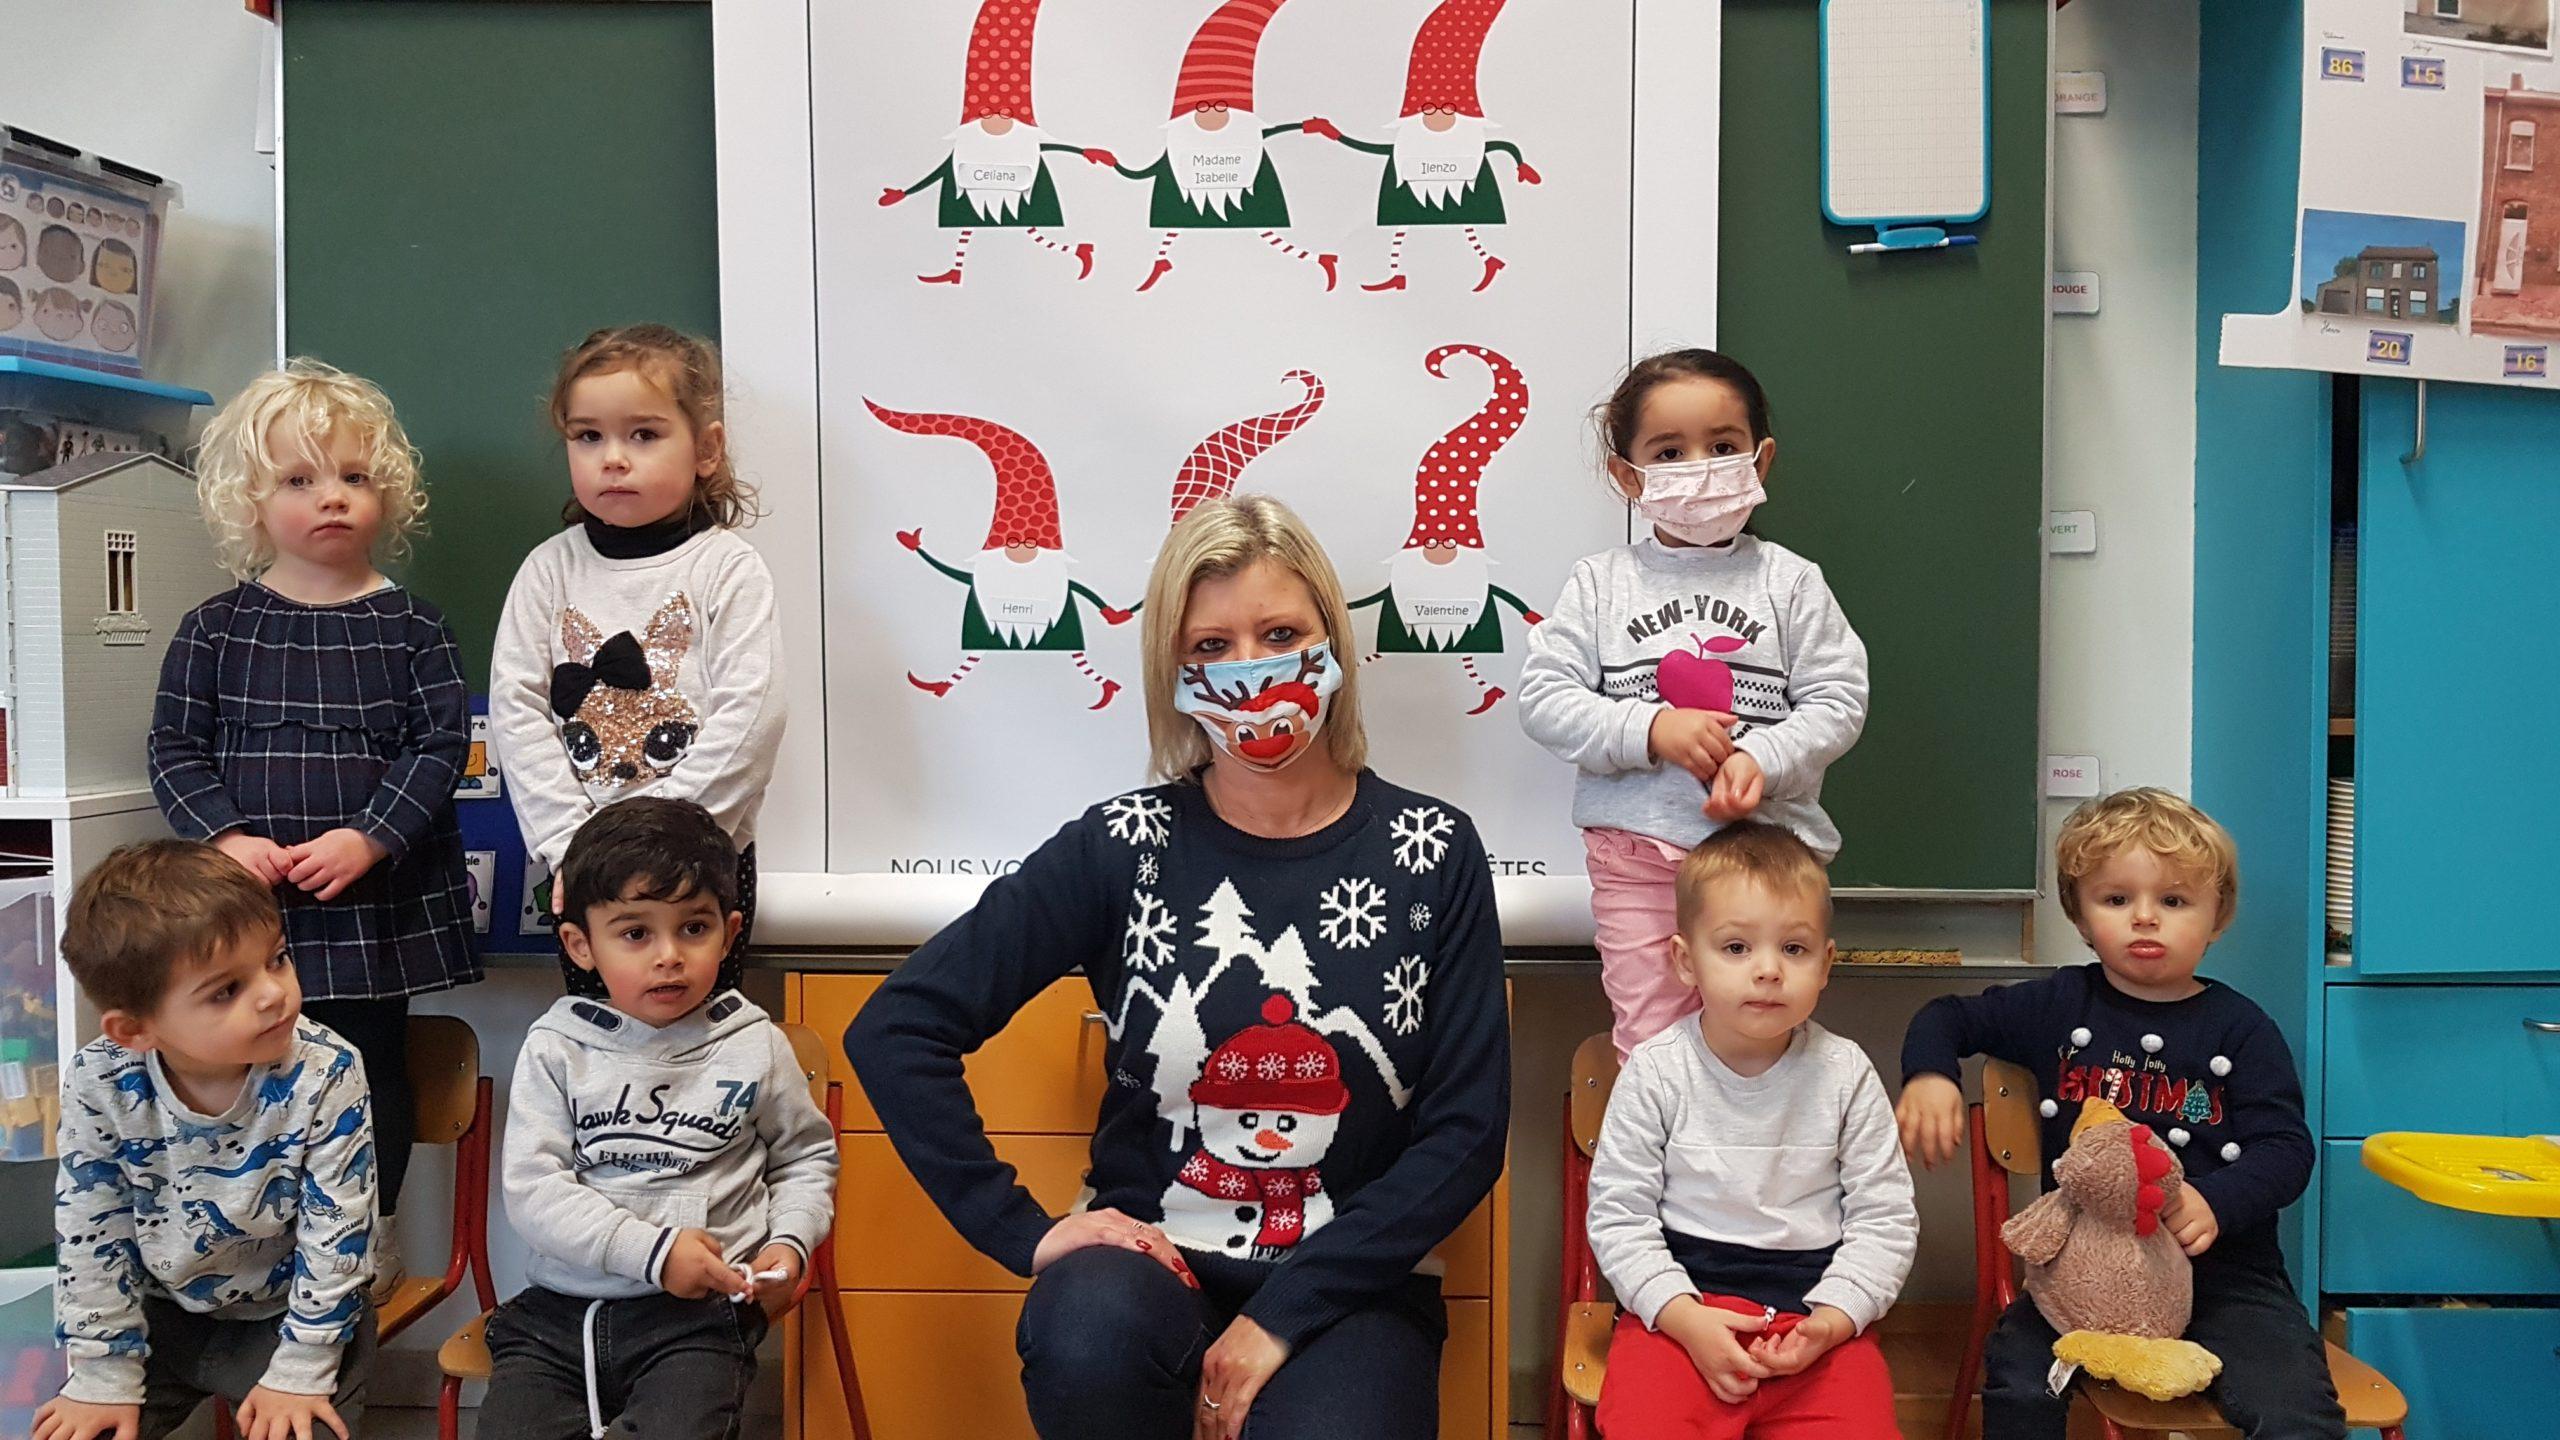 Les vœux des élèves de la classe d'accueil et de Madame Caroline